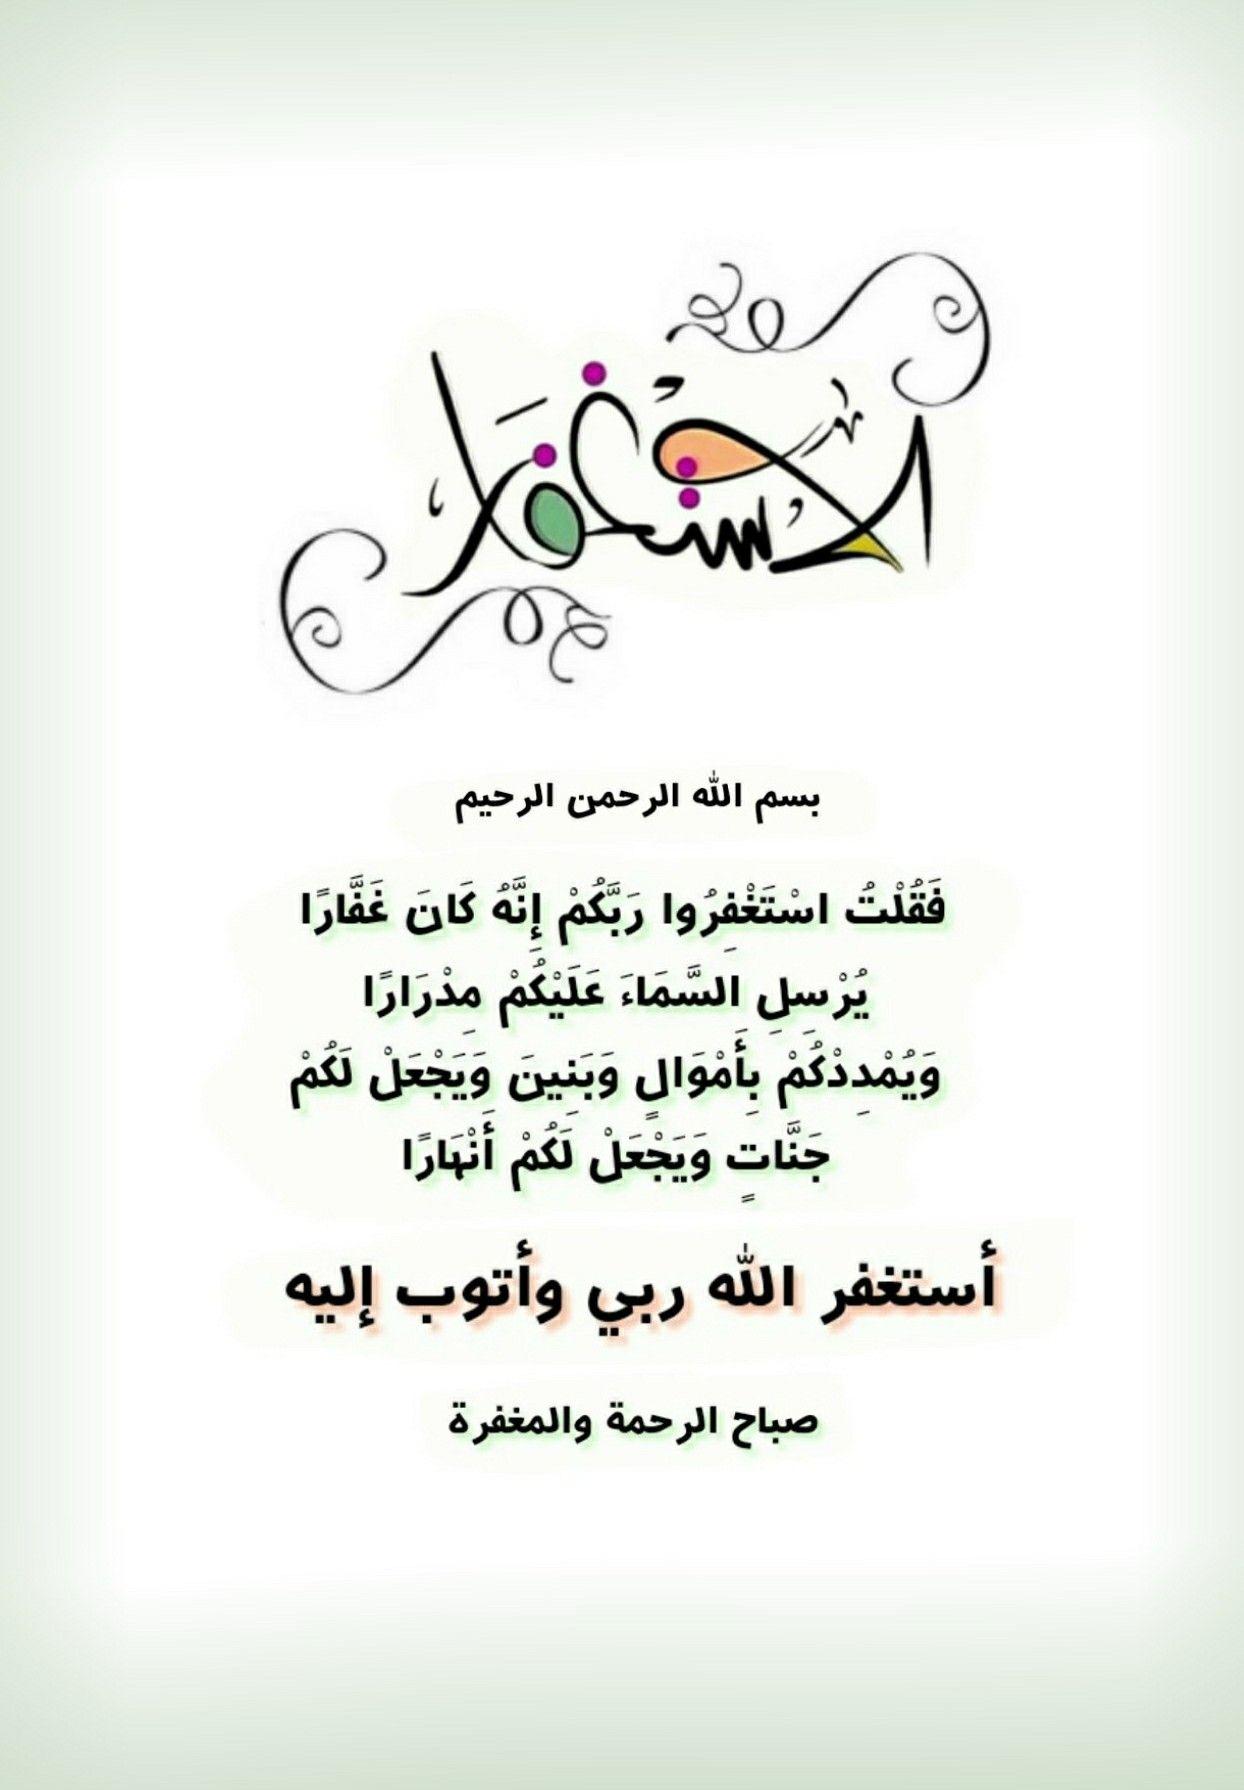 بسم الله الرحمن الرحيم فقلت استغفروا